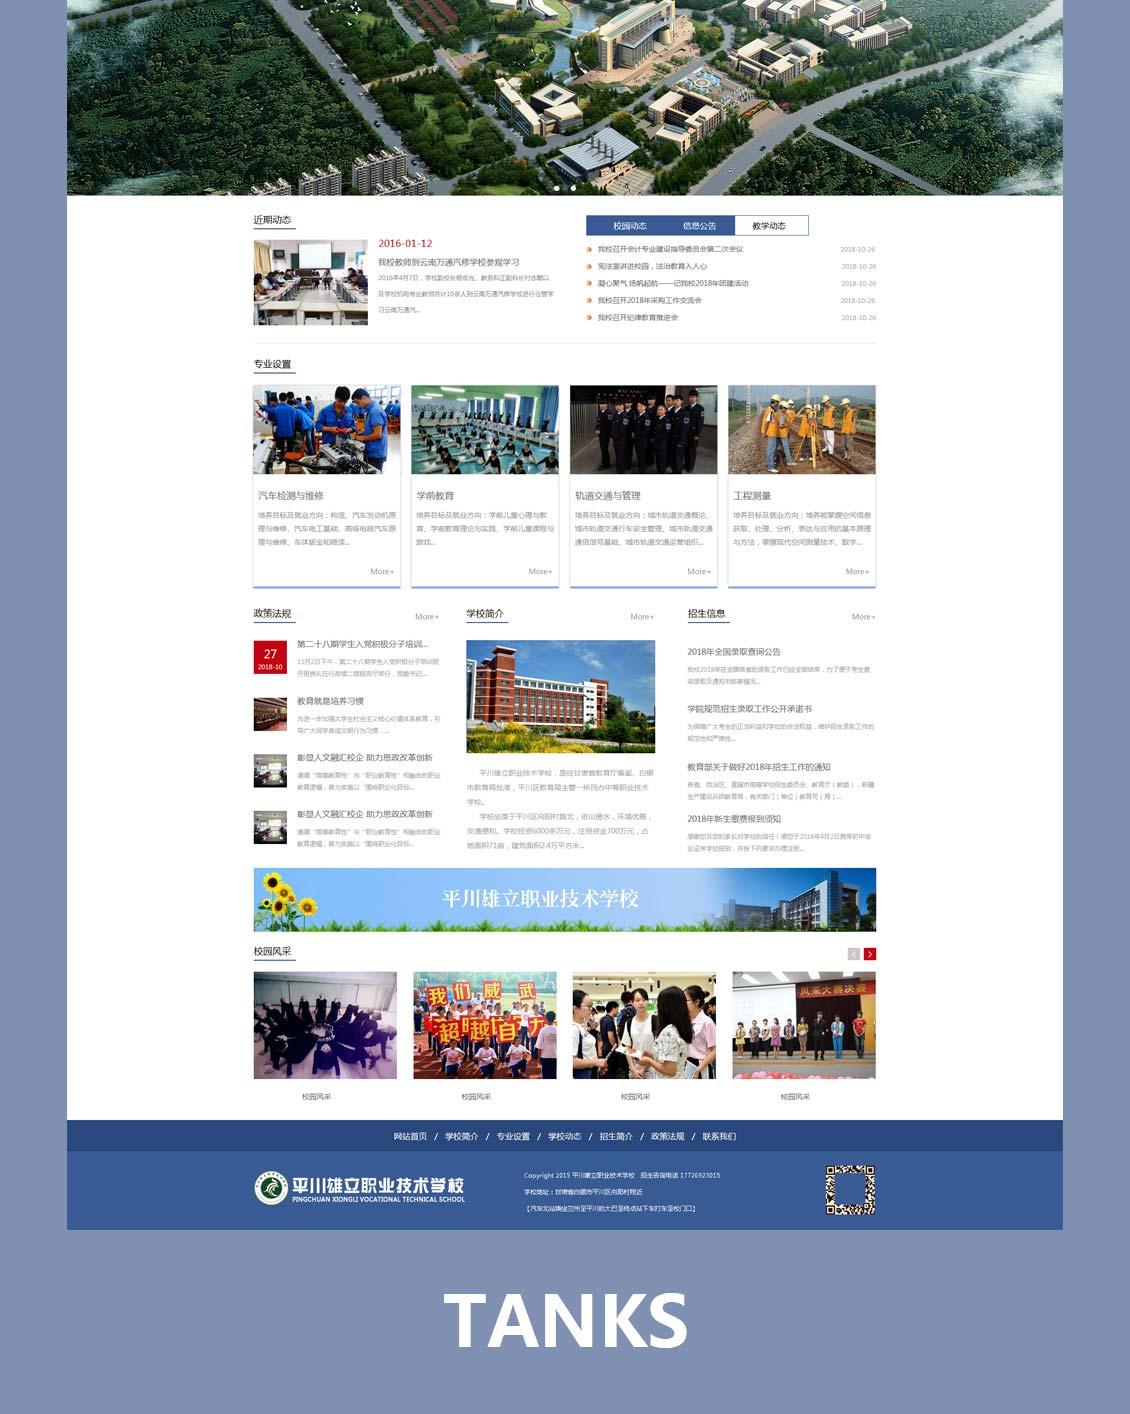 兰州学校网站建设公司